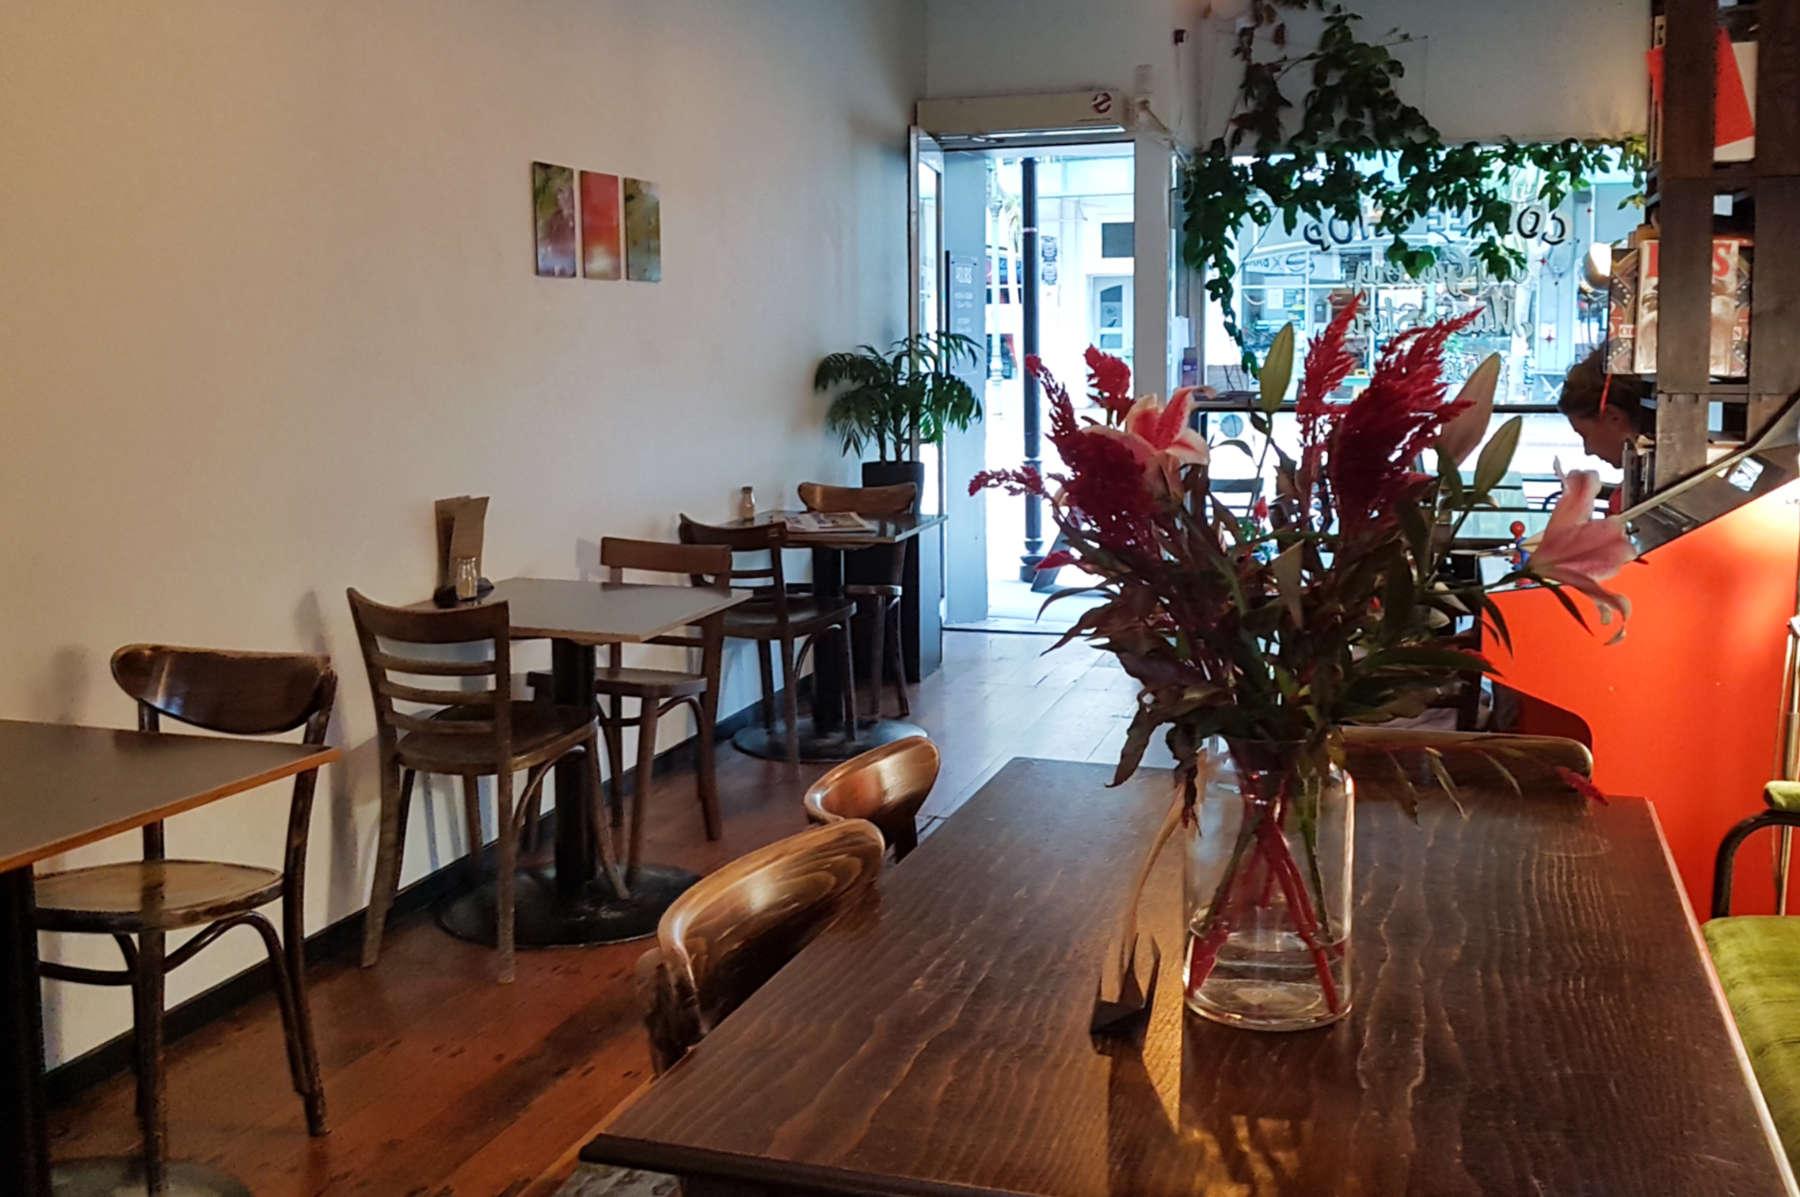 Black Coffee interior to door